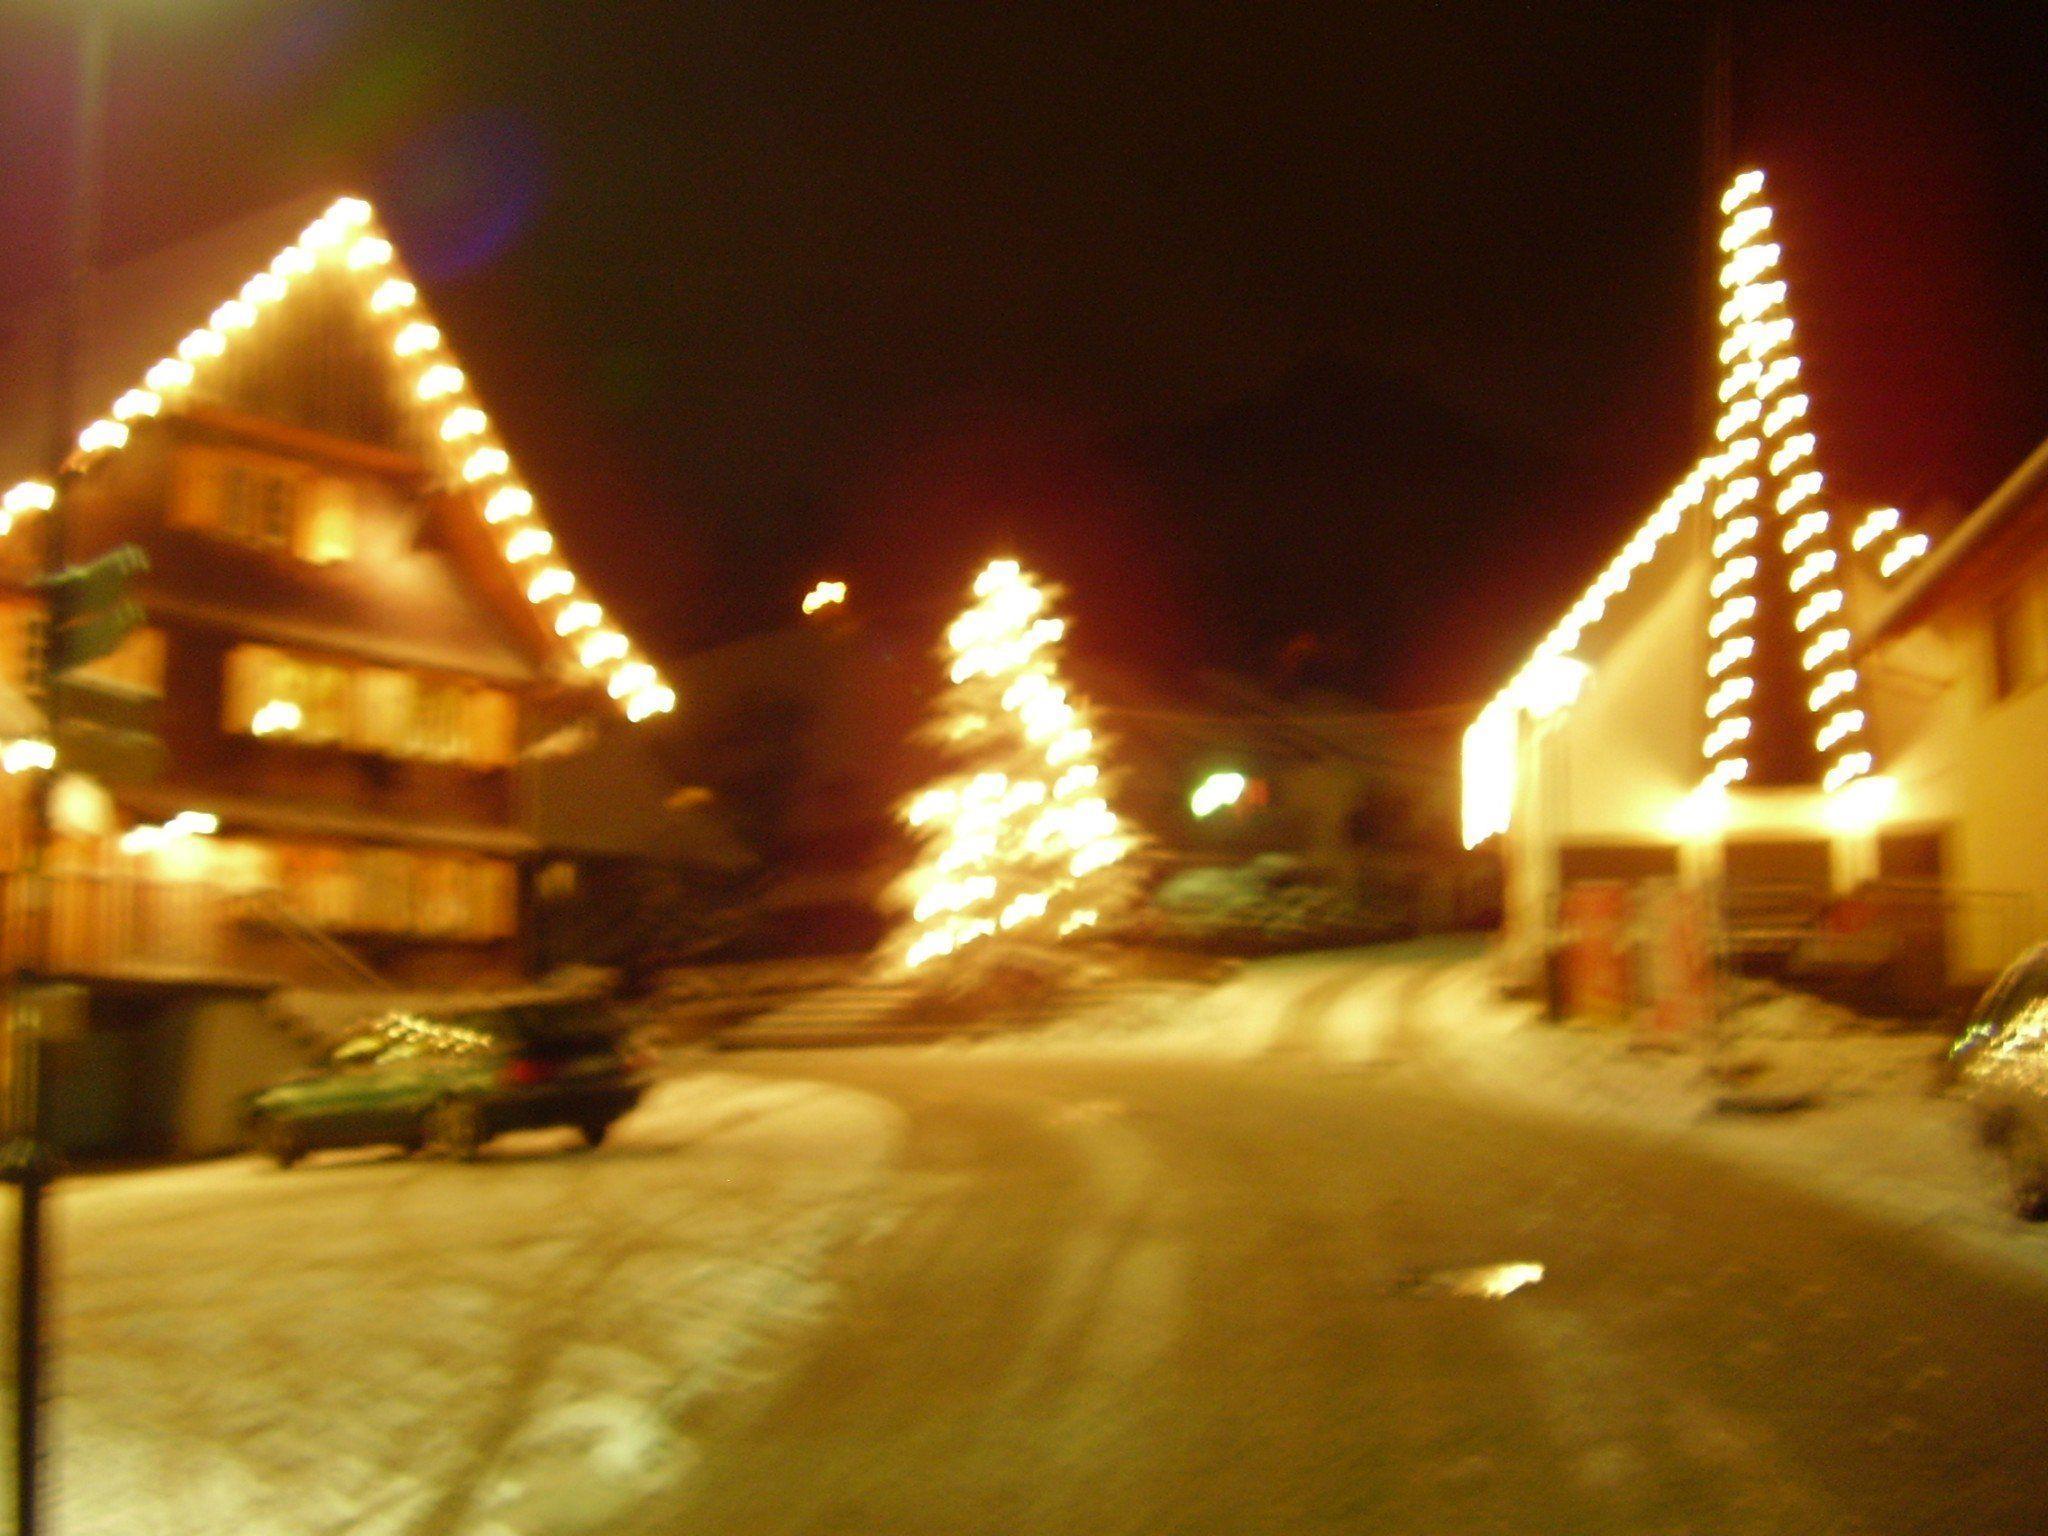 Dorfplatz in Mühlebach